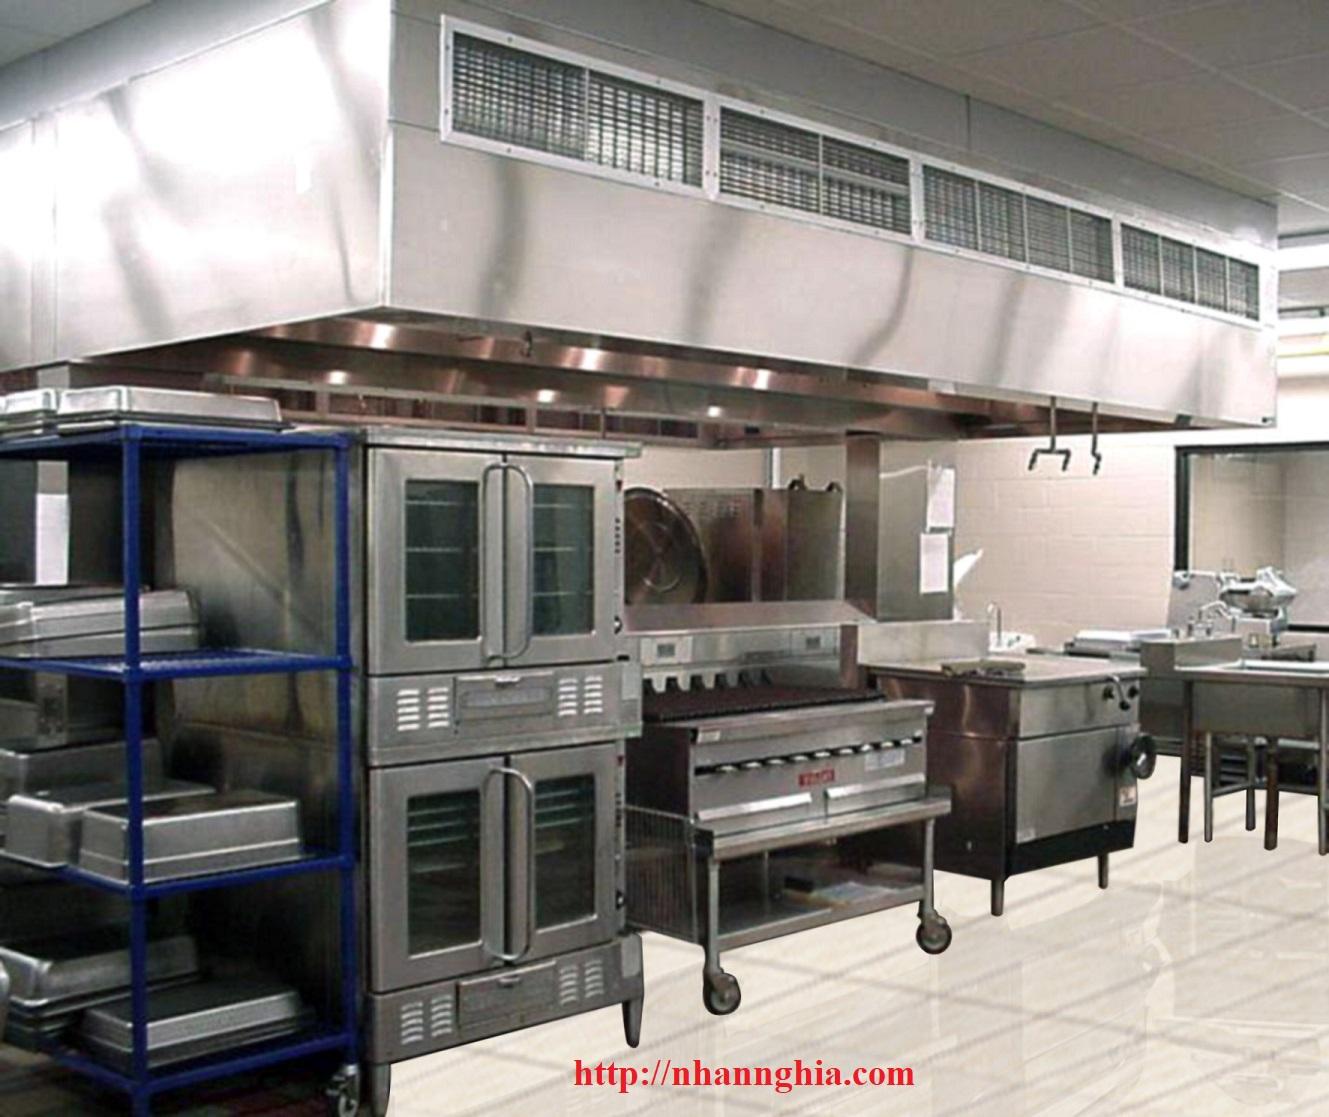 thi công bếp nhà hàng